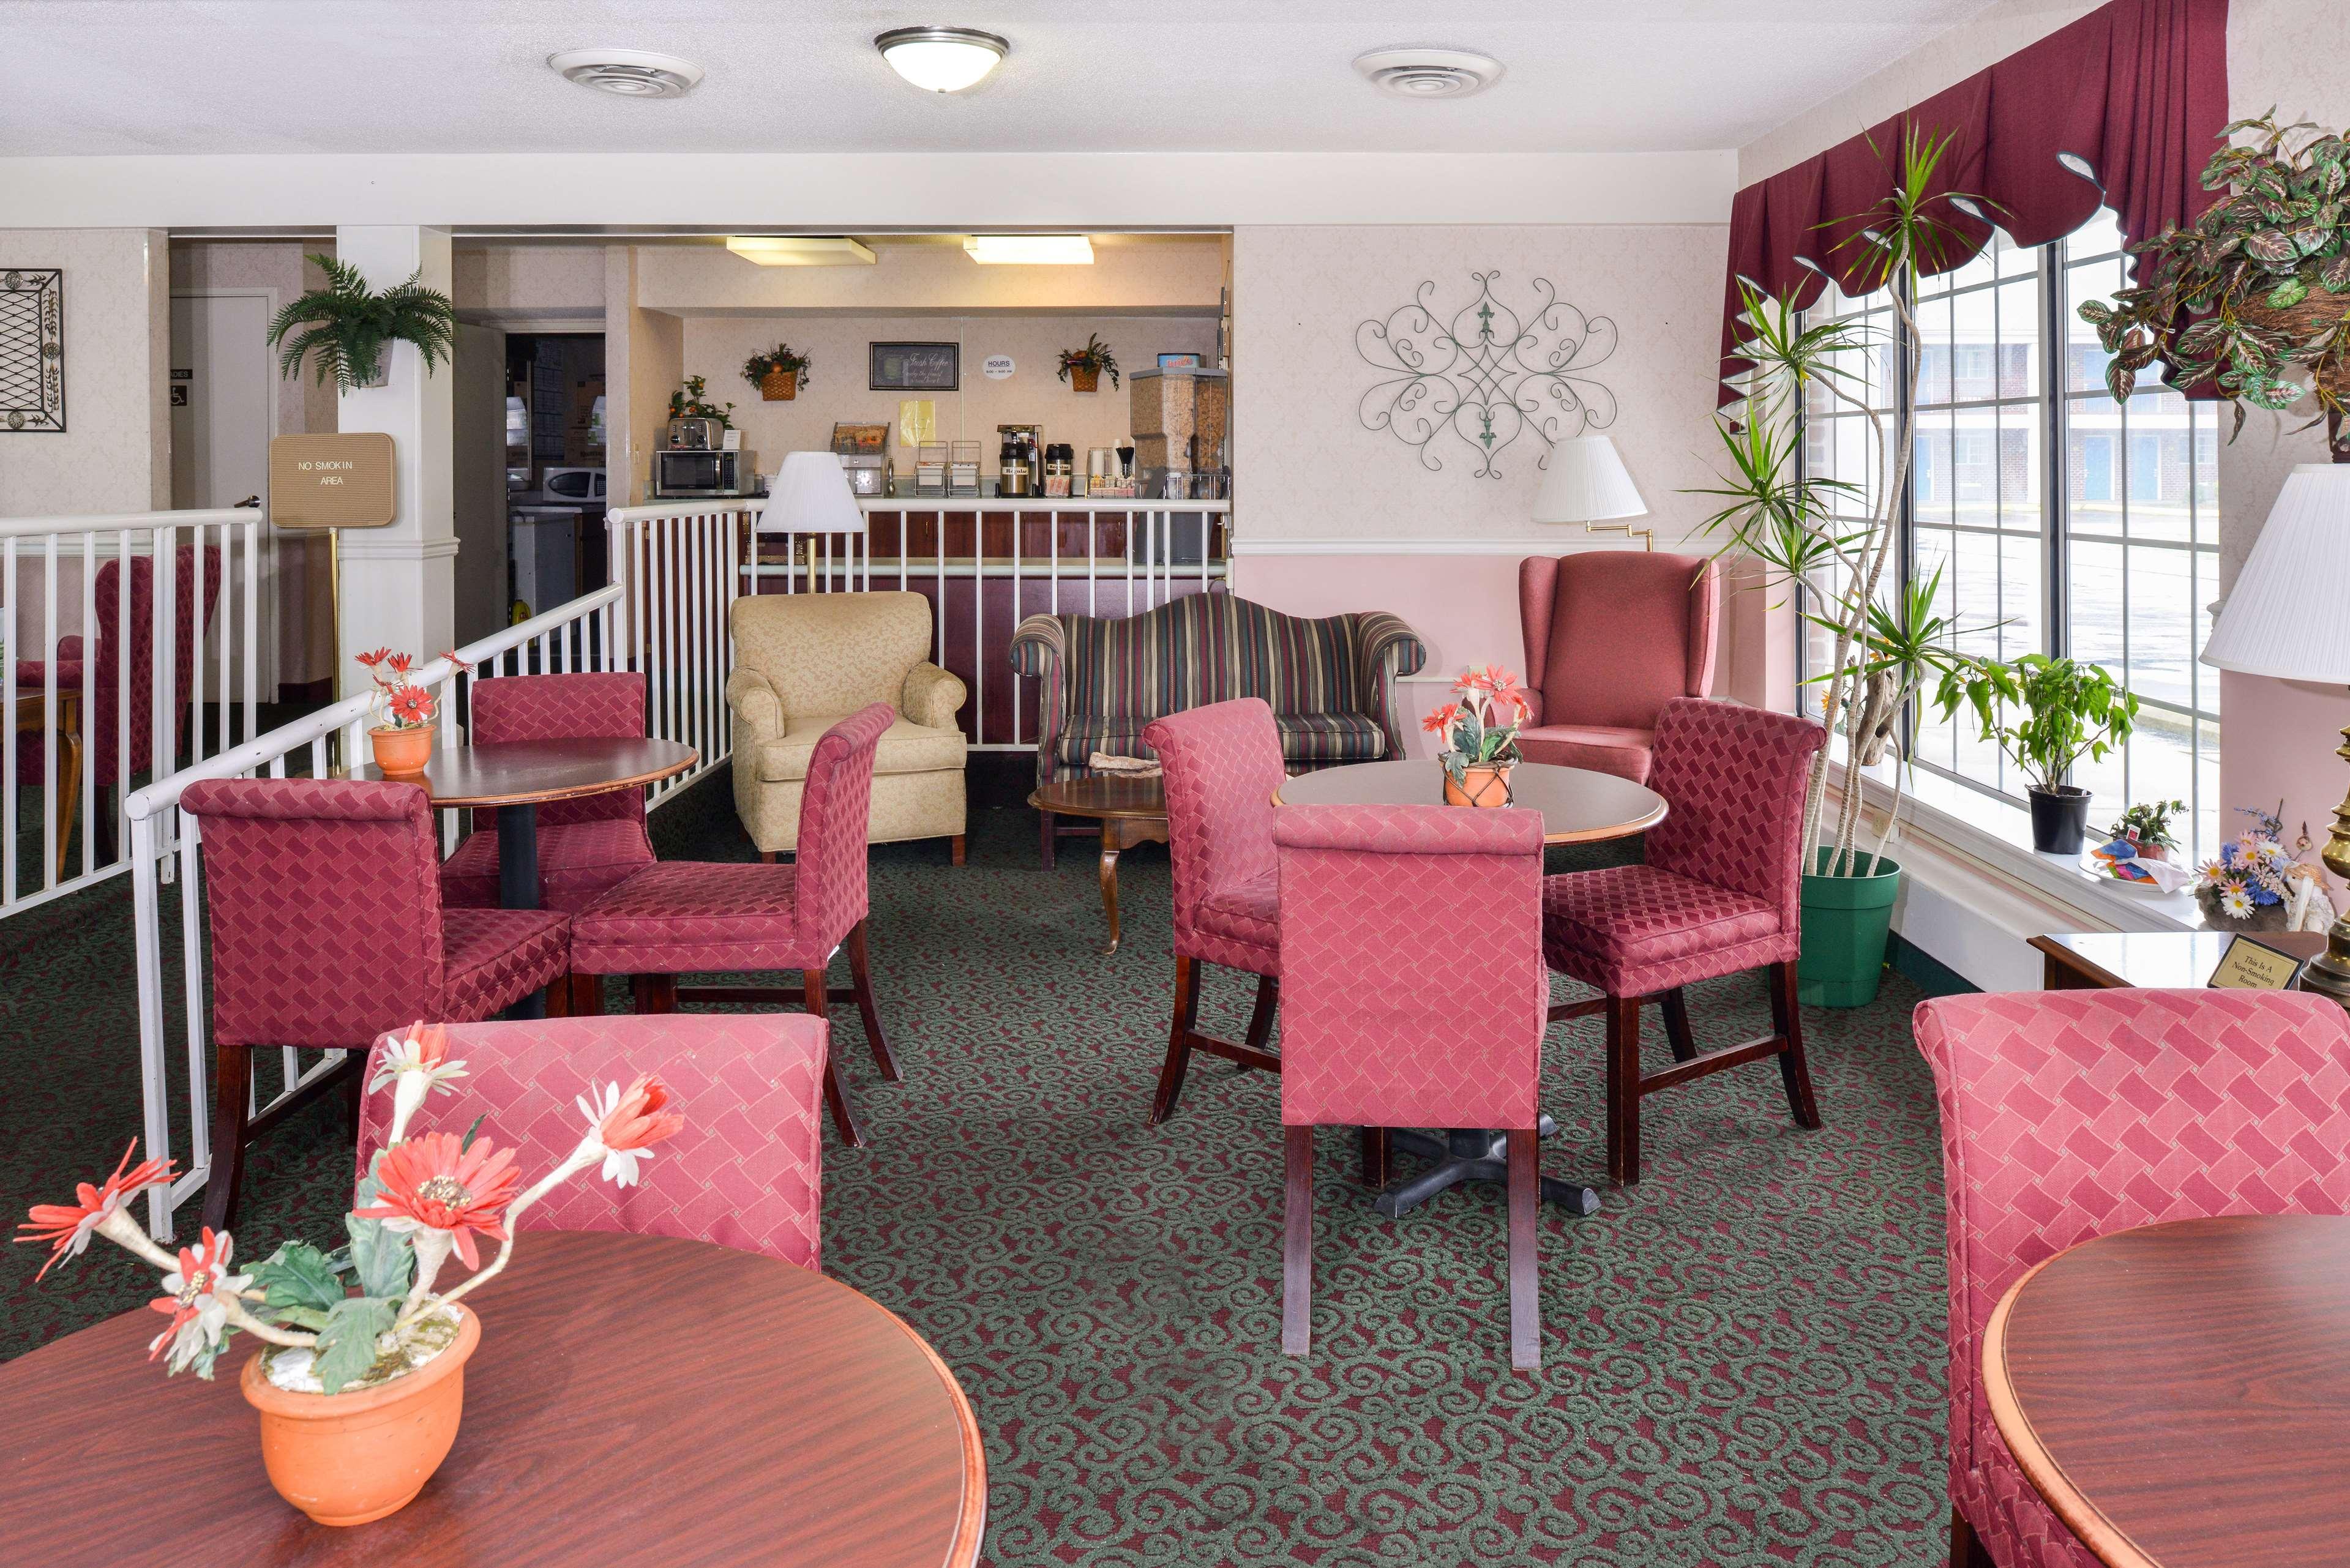 Americas Best Value Inn Edenton image 20